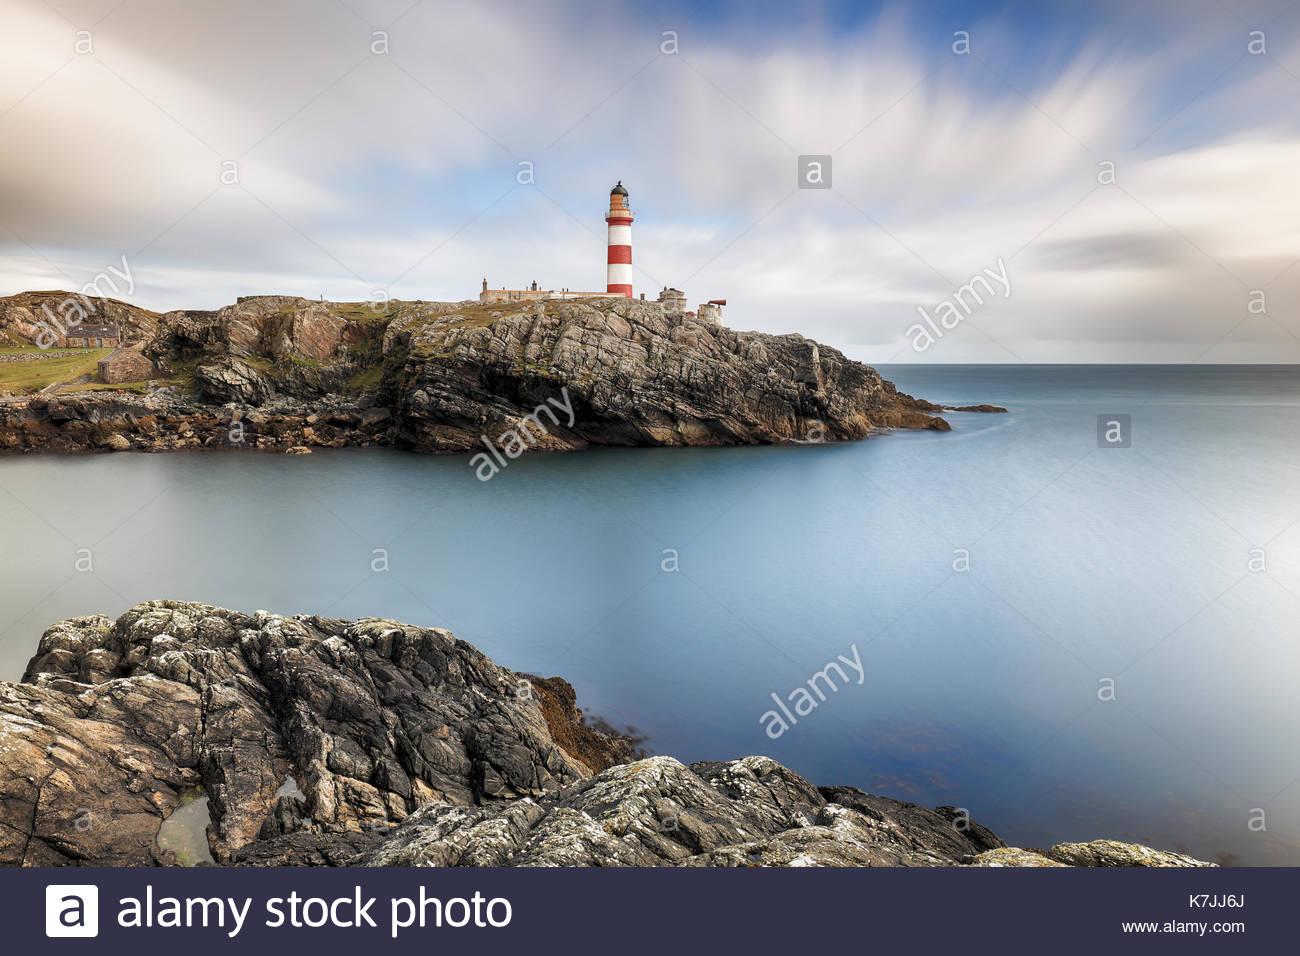 Una lunga esposizione prese a Eilean Glas faro sull isola di Scalpay, Western Isles, Scozia. Foto Stock